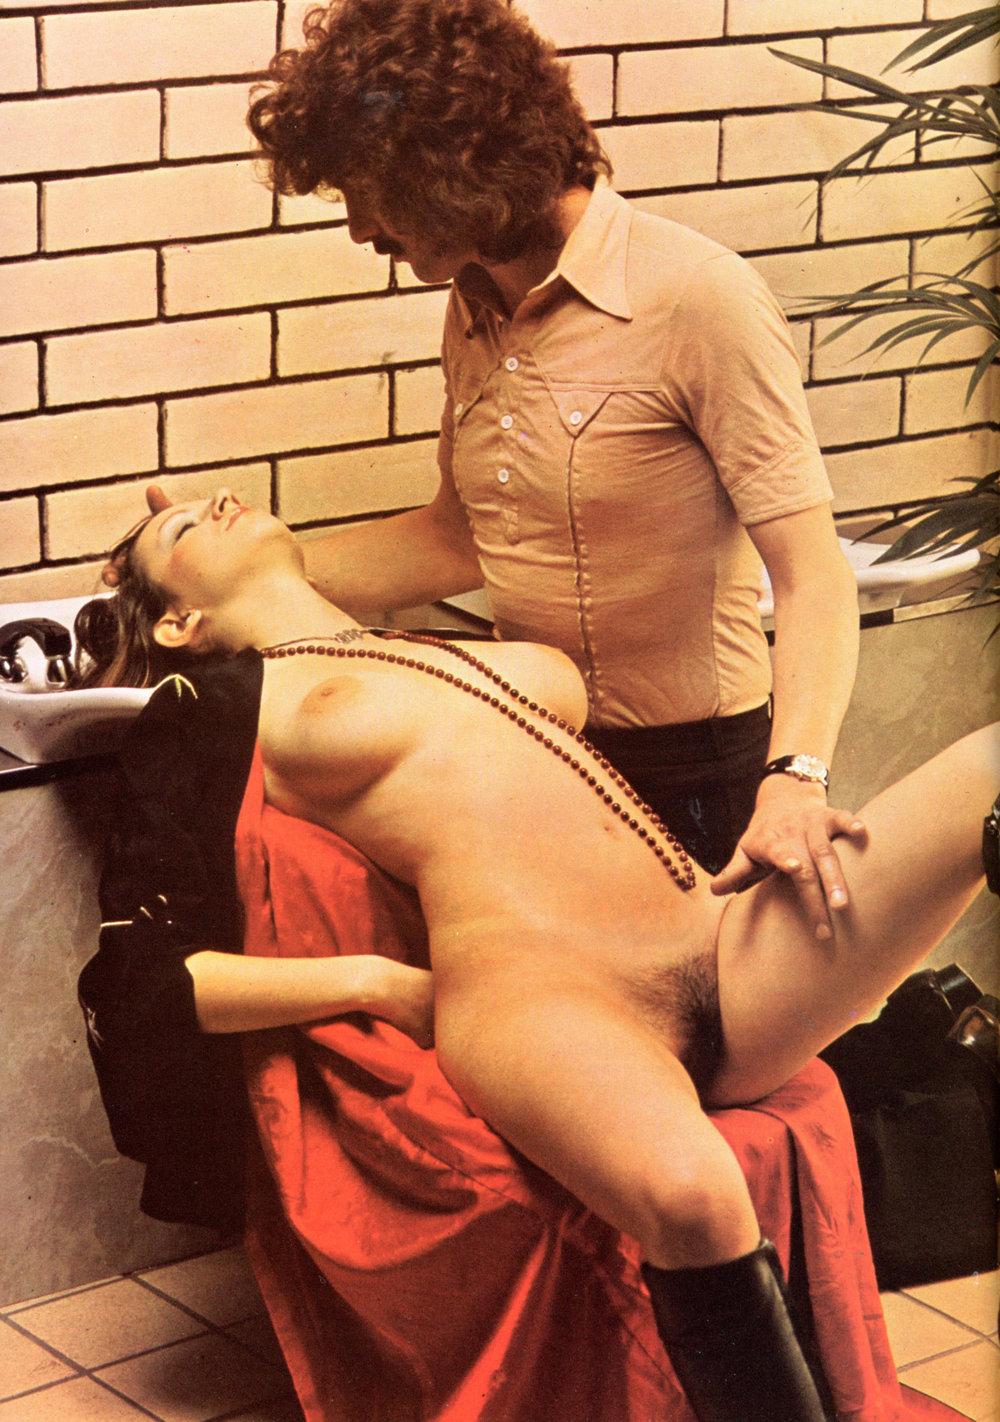 hairdresser-Club-magazine-1975